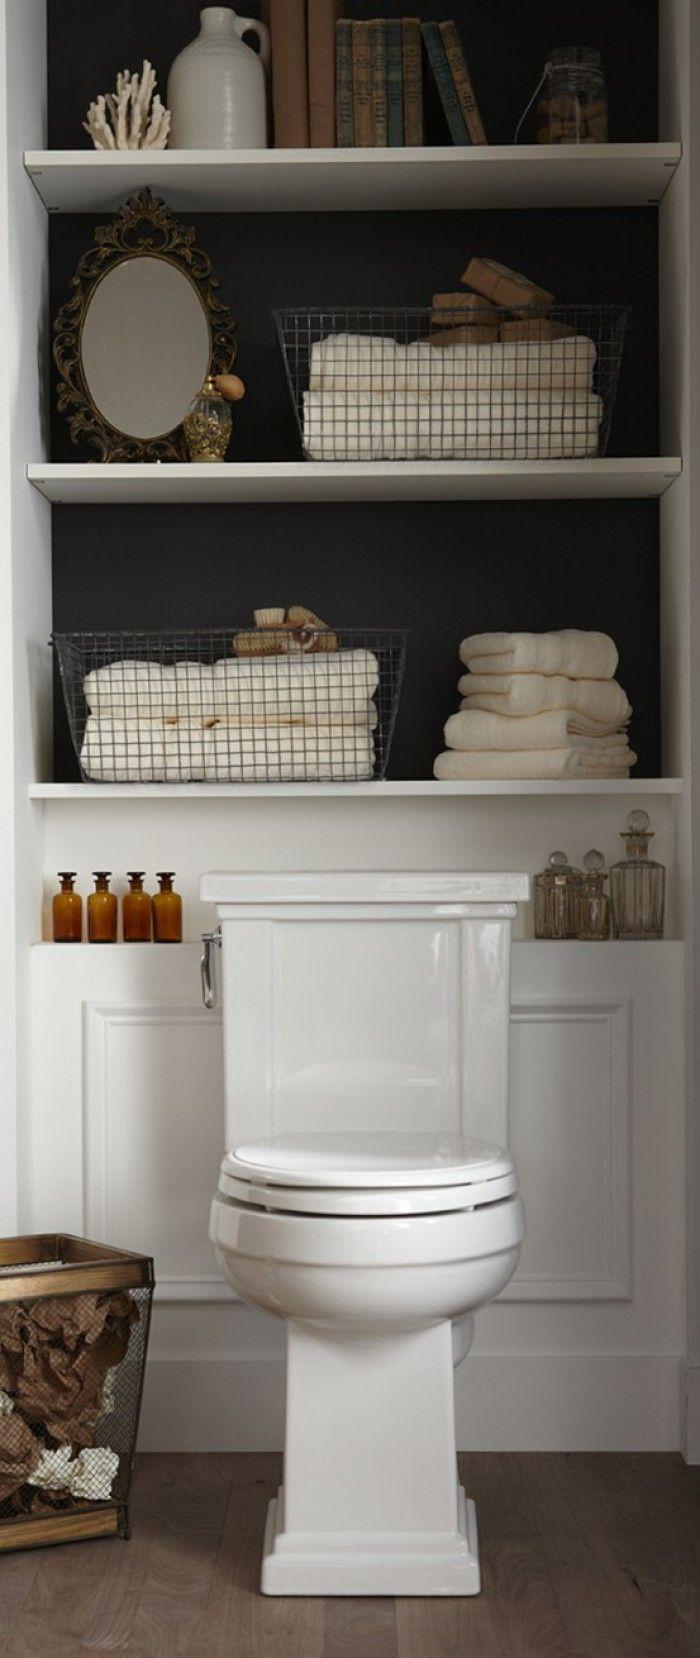 Gezellige inrichting van wc/badkamer - badkamer | Pinterest - Wc ...